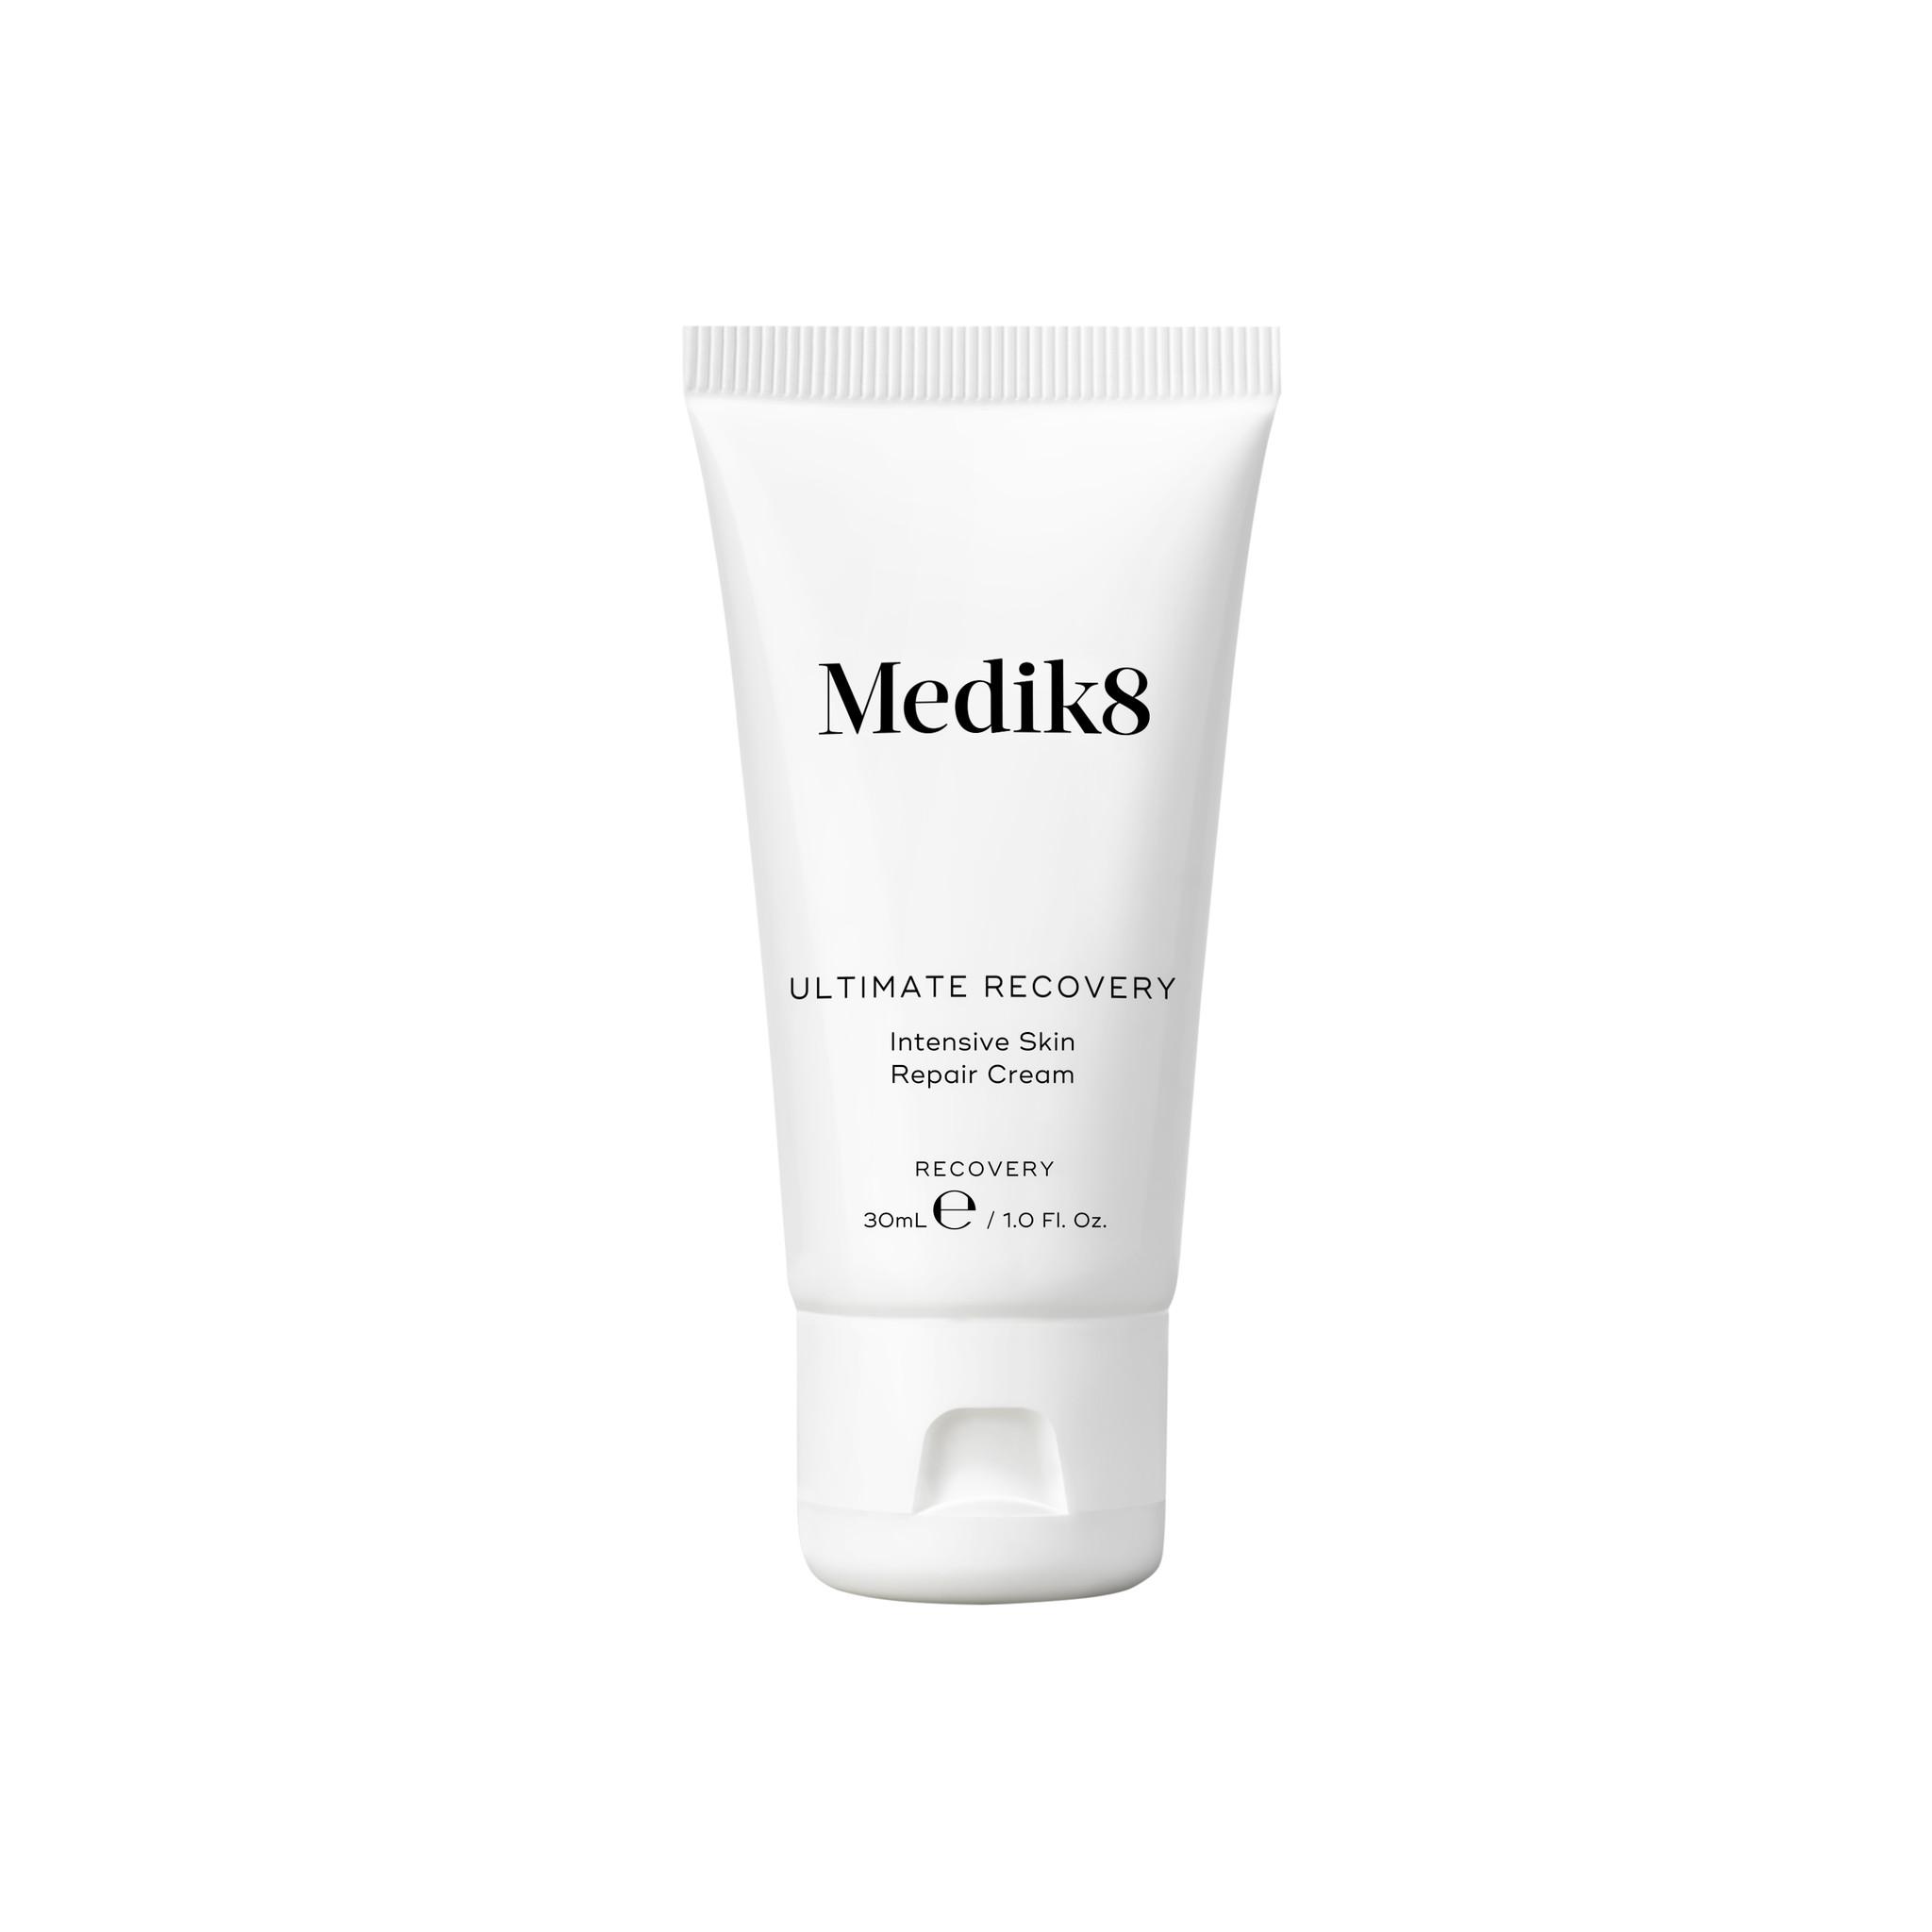 Medik8 Ultimate Recovery   Intensive Skin Repair Cream   30ml